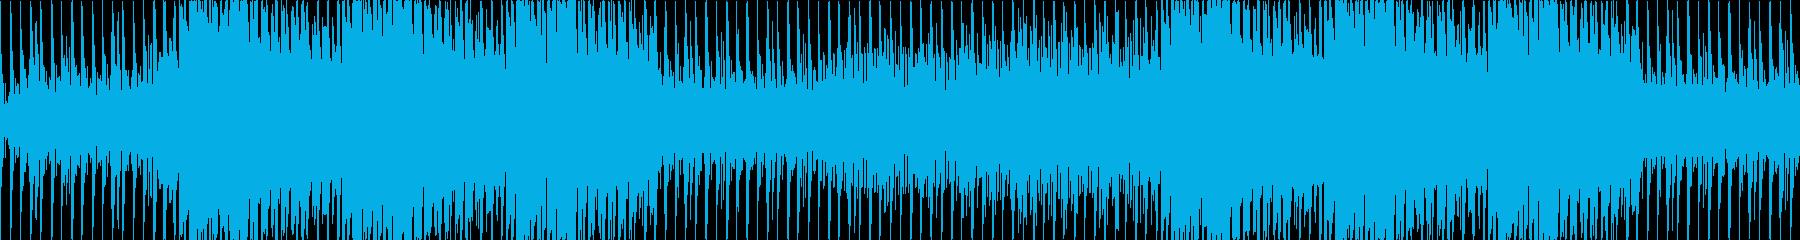 DarkでスローテンポなテクノLOOPの再生済みの波形